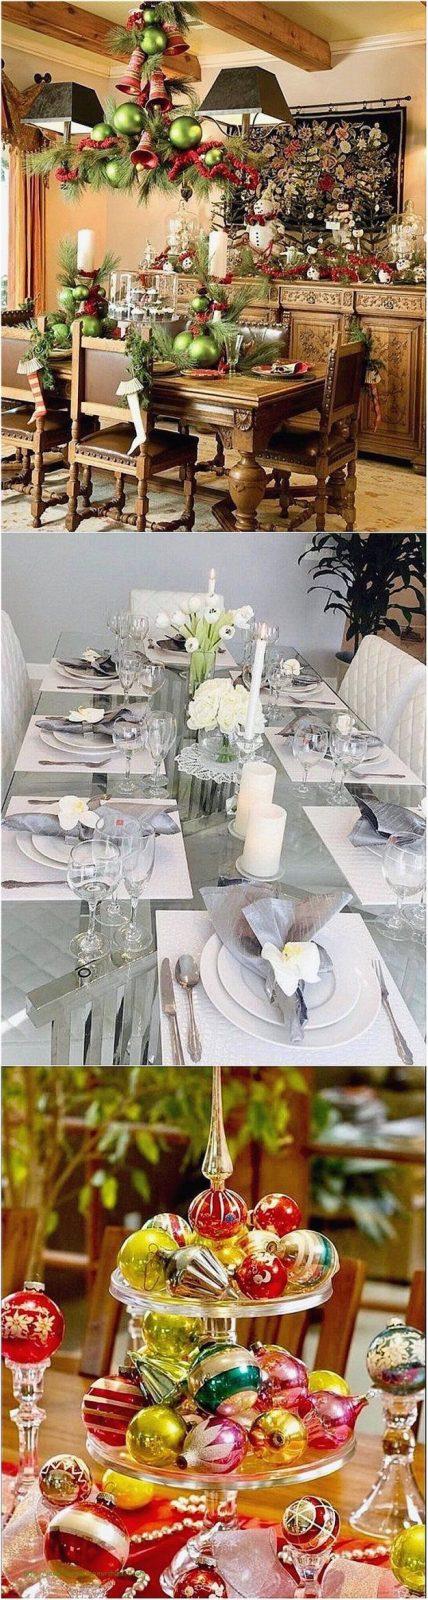 Elegant Tischdekoration Weihnachten Selber Basteln von Tischdekoration Weihnachten Selber Basteln Bild